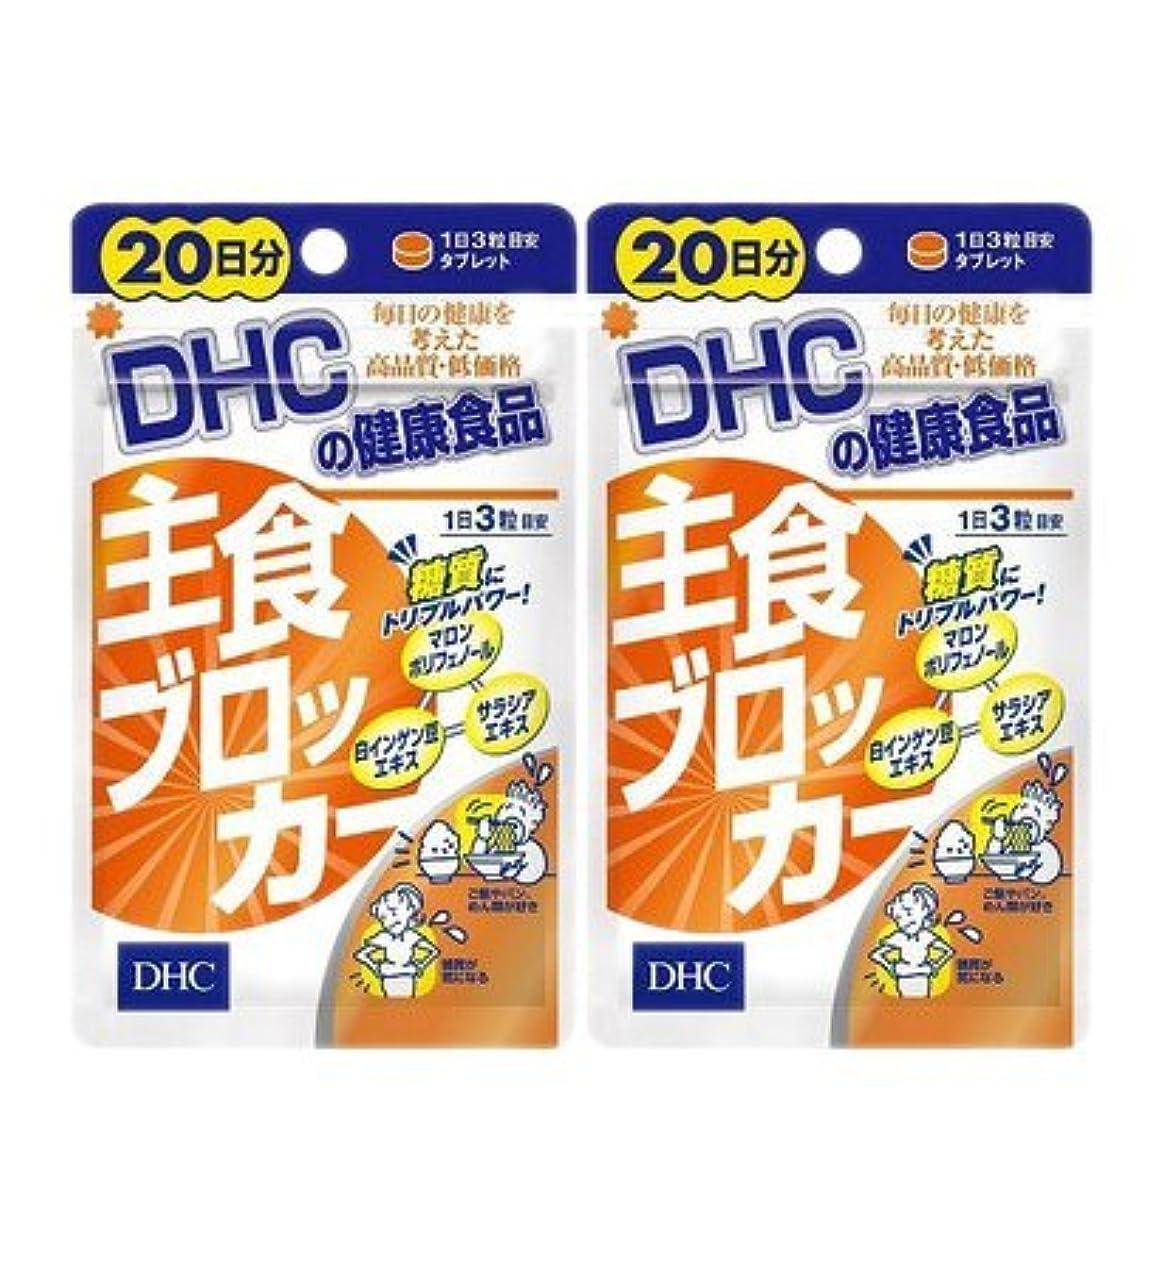 磨かれた瞑想悪因子【2個セット】DHC 主食ブロッカー 20日分 60粒入